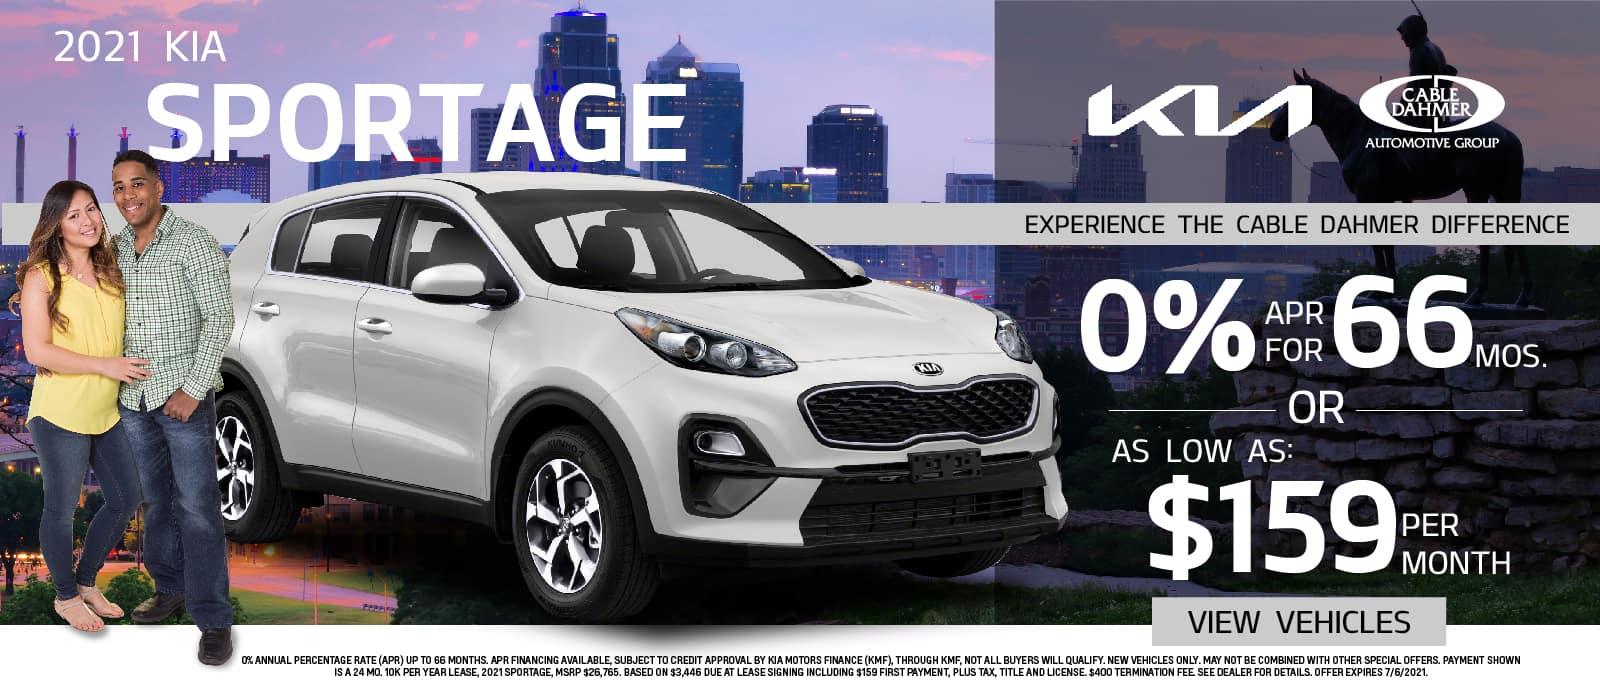 2021 Kia Sportage Lease Offer – June